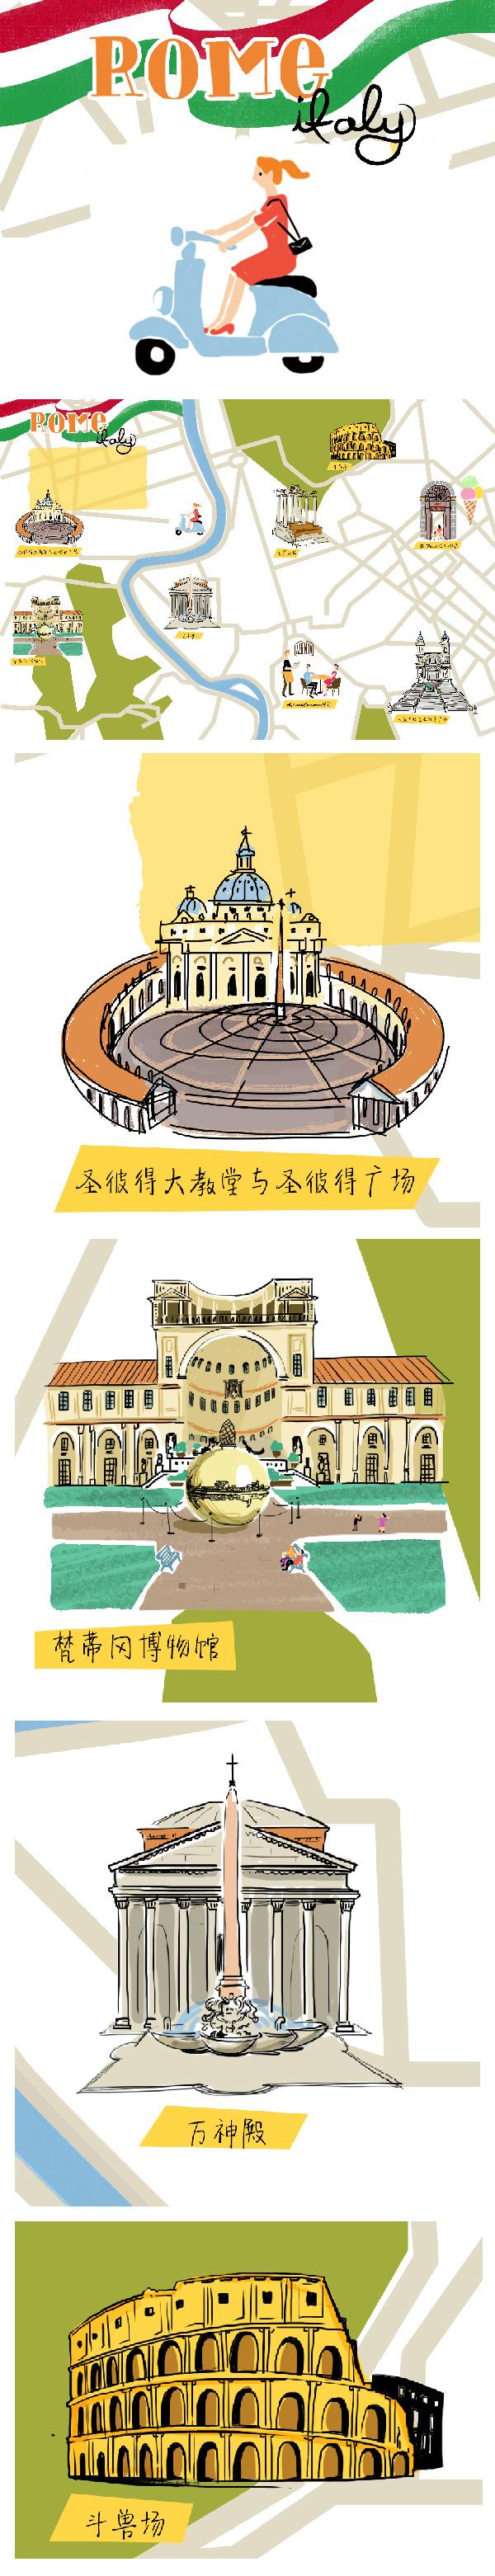 意大利 罗马 手绘地图